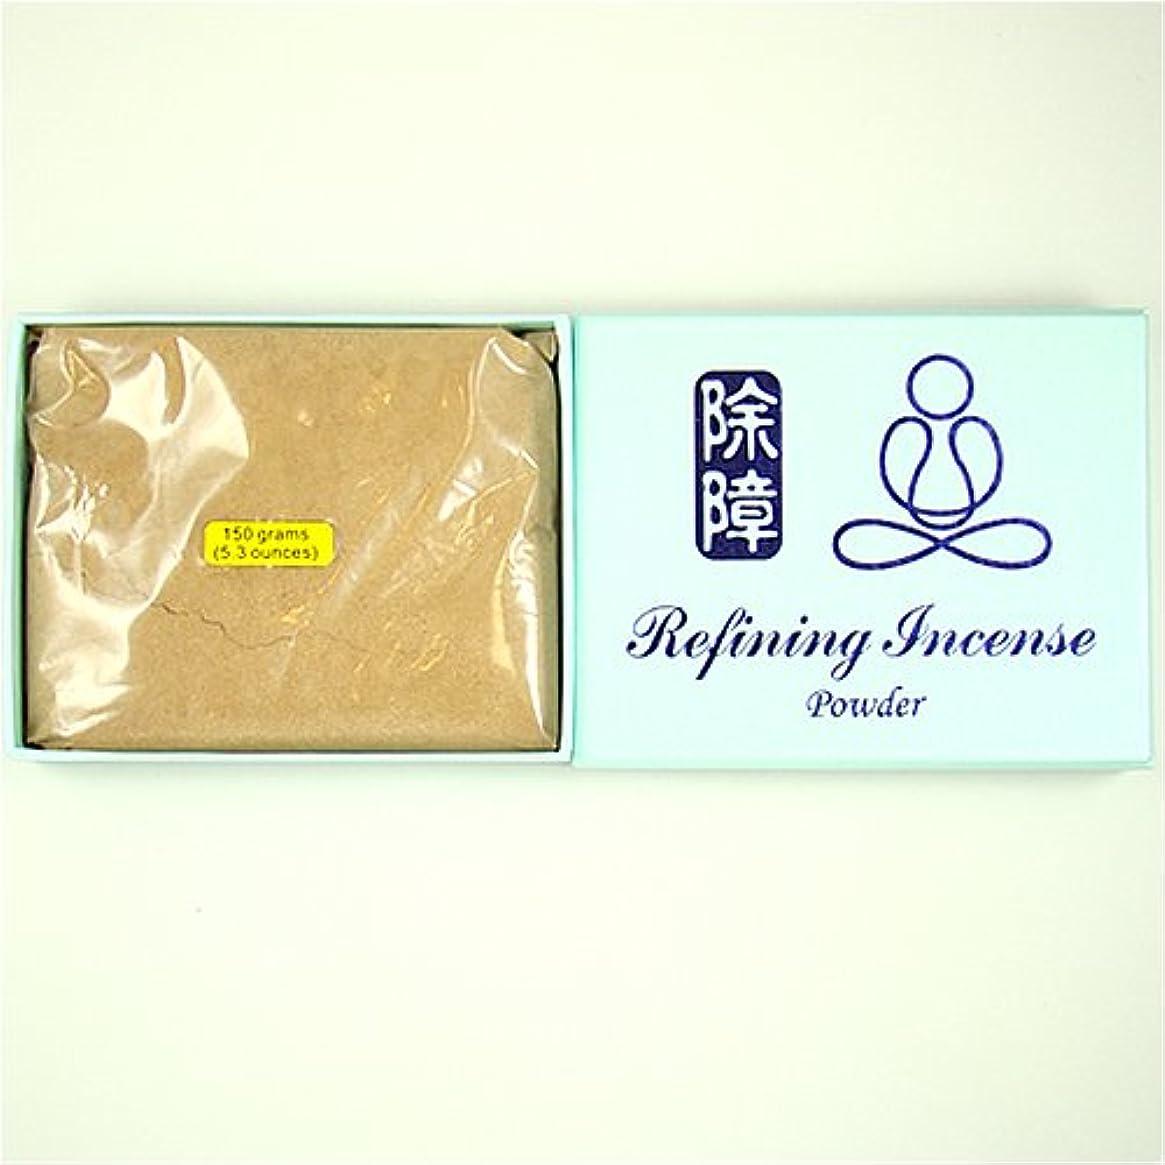 アンソロジーリーダーシップ鳴り響くRefining Incense Powder – 150 g Large Pack – 100 % Natural – i008